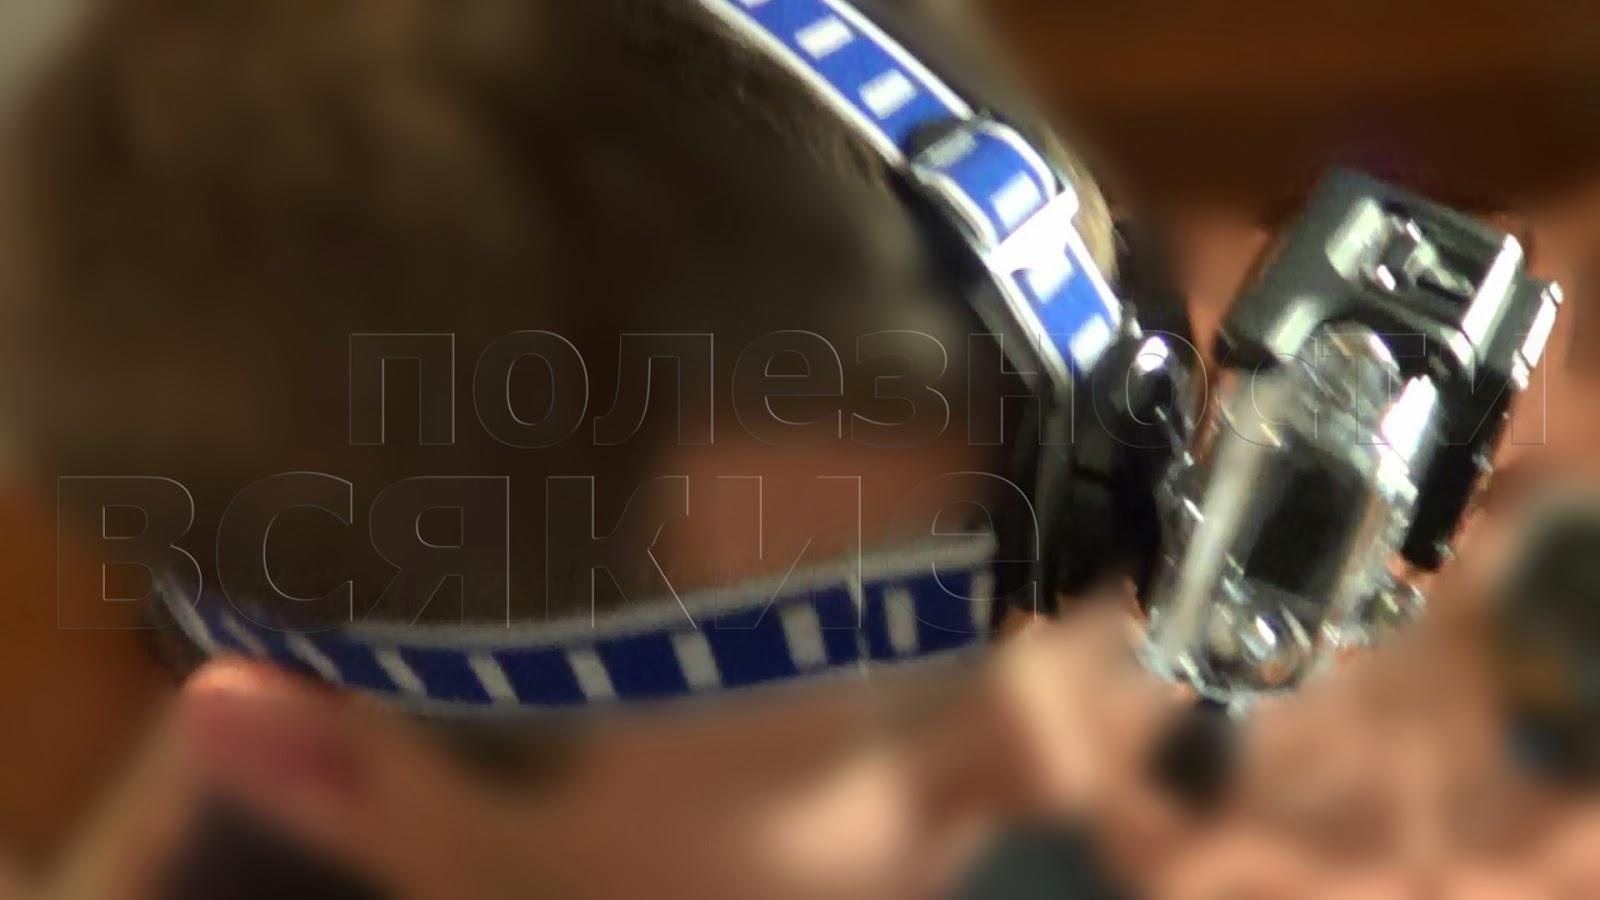 так выглядит крепление камеры gopro на голову сделанное своими руками вид с боку